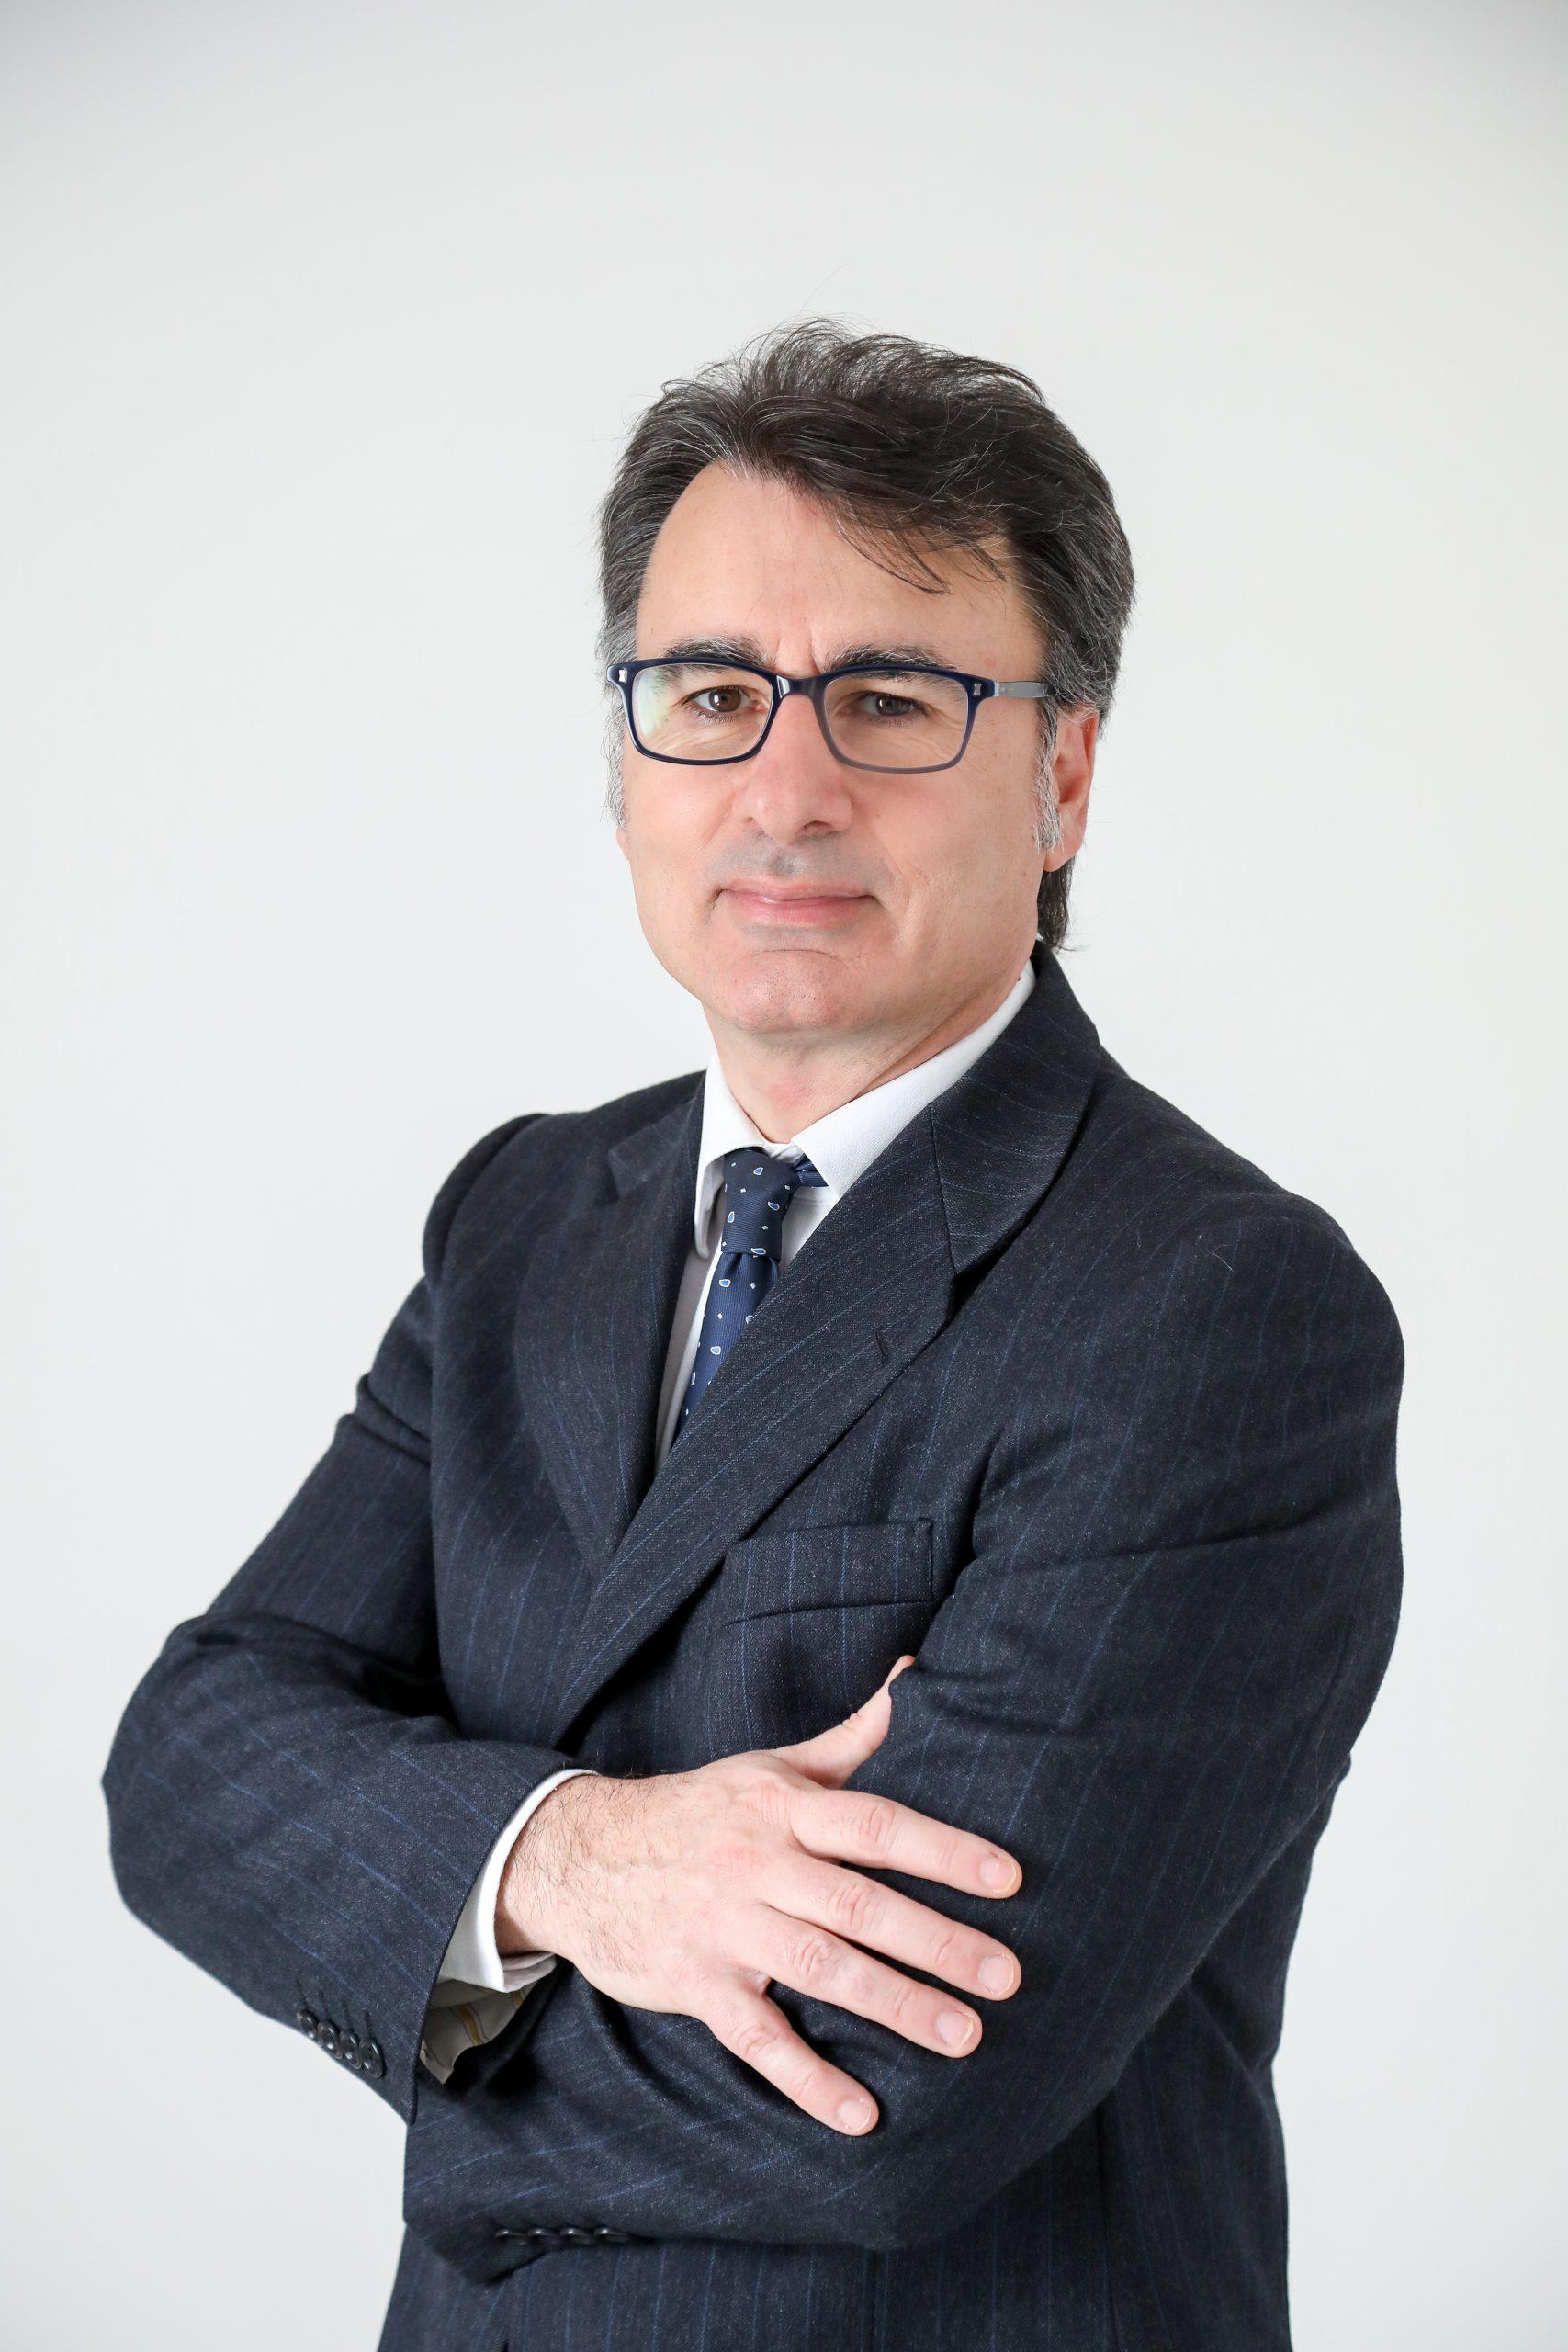 Eduard De la Rosa